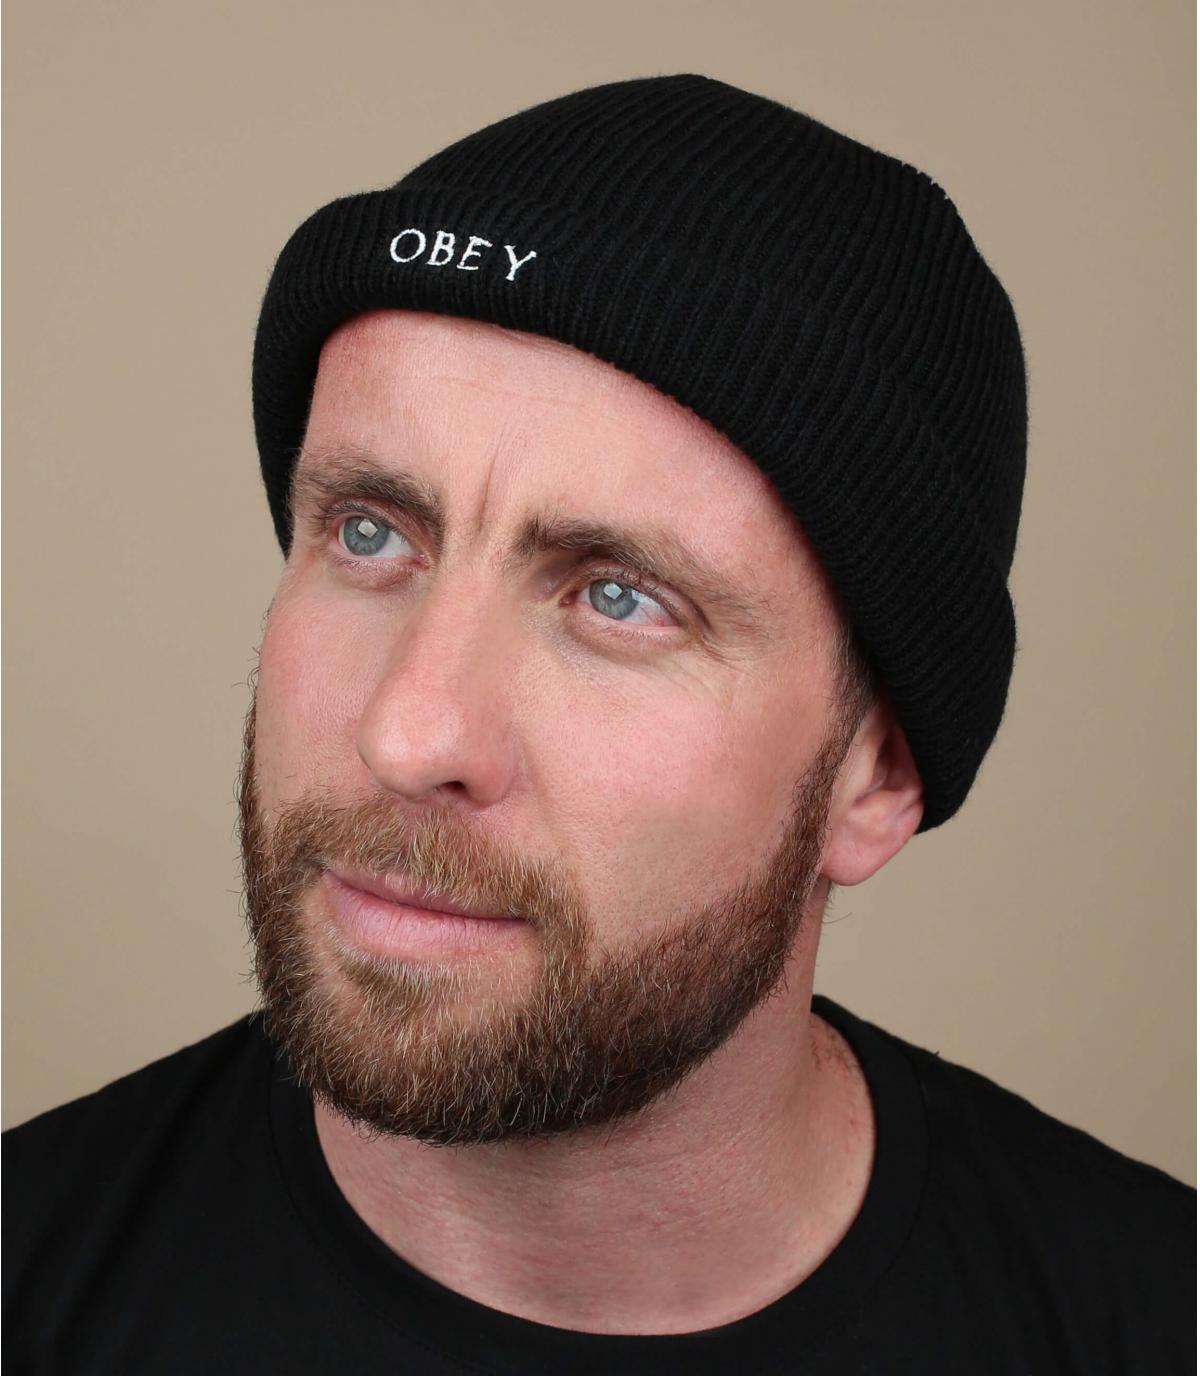 Docker Mütze schwarz noir Obey